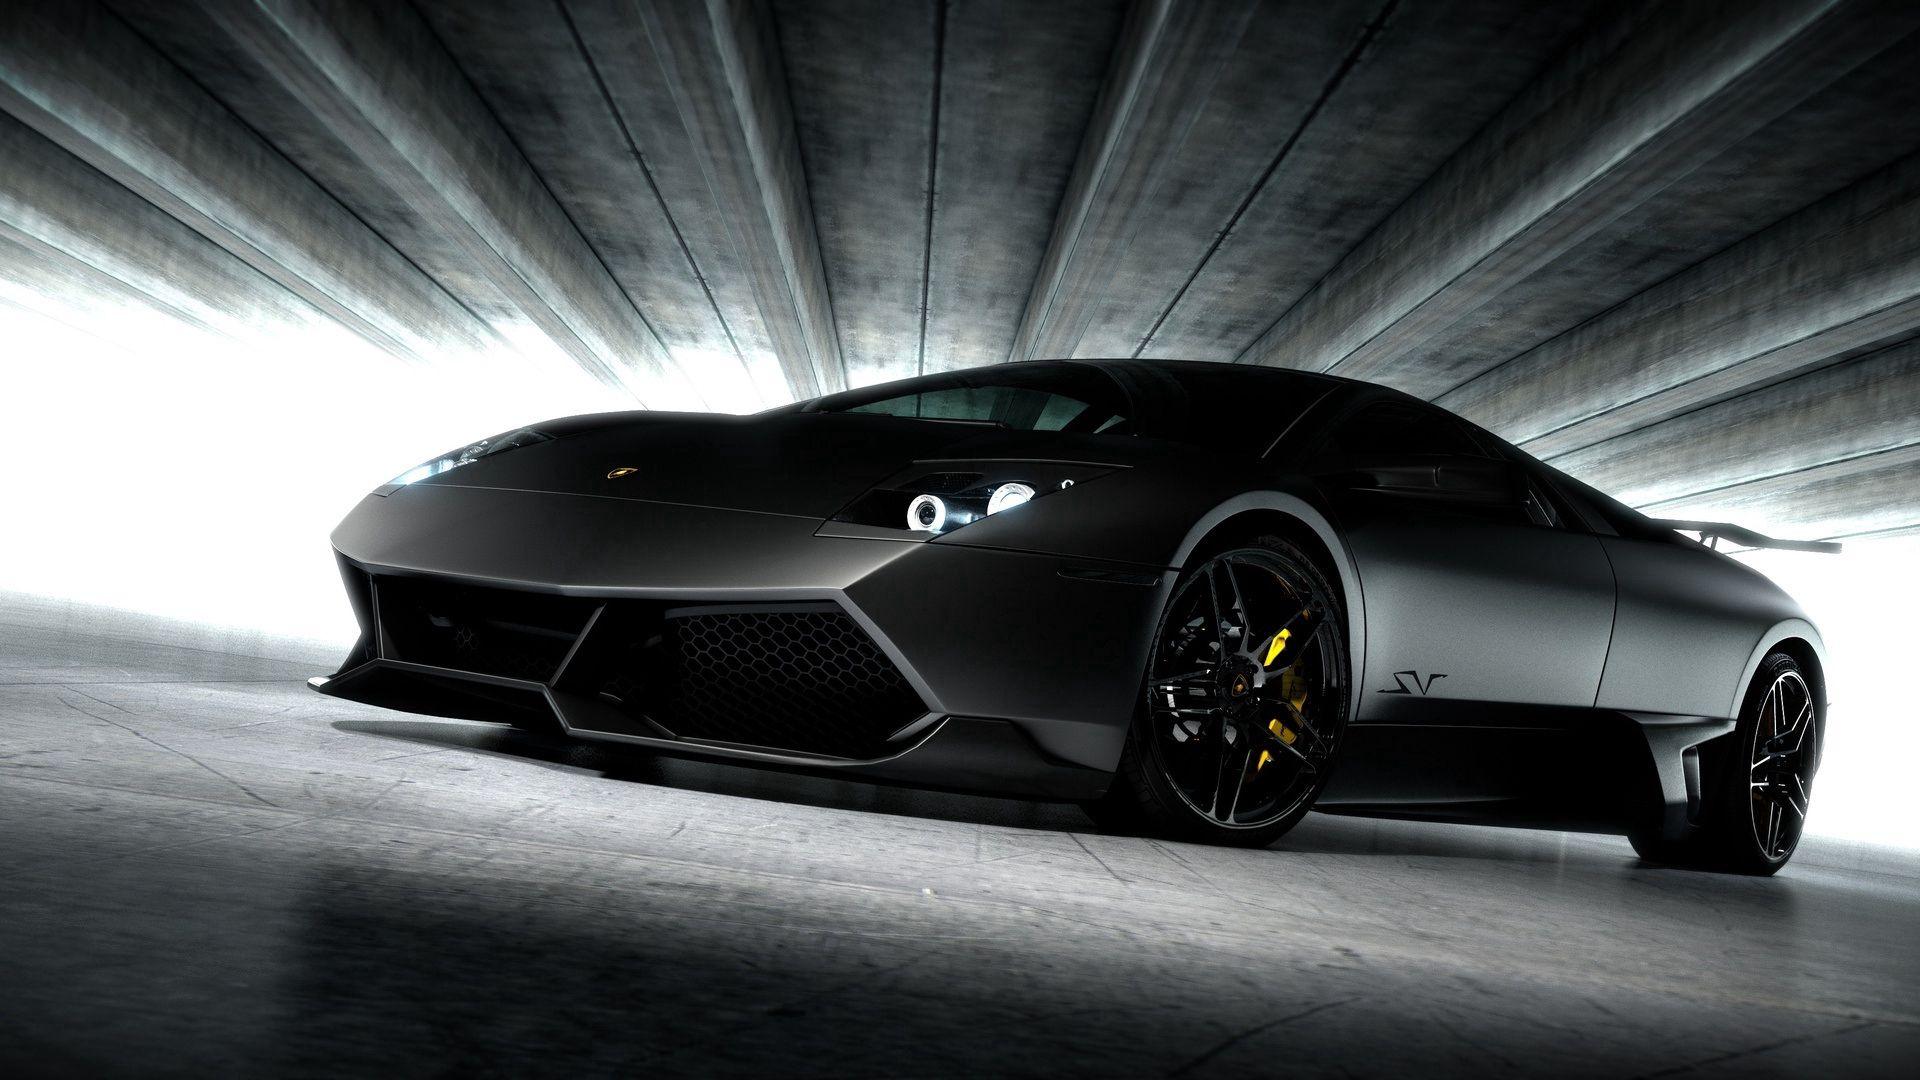 55525 скачать обои Стиль, Темный, Ламборджини (Lamborghini), Тачки (Cars), Концепт, Murcielago - заставки и картинки бесплатно